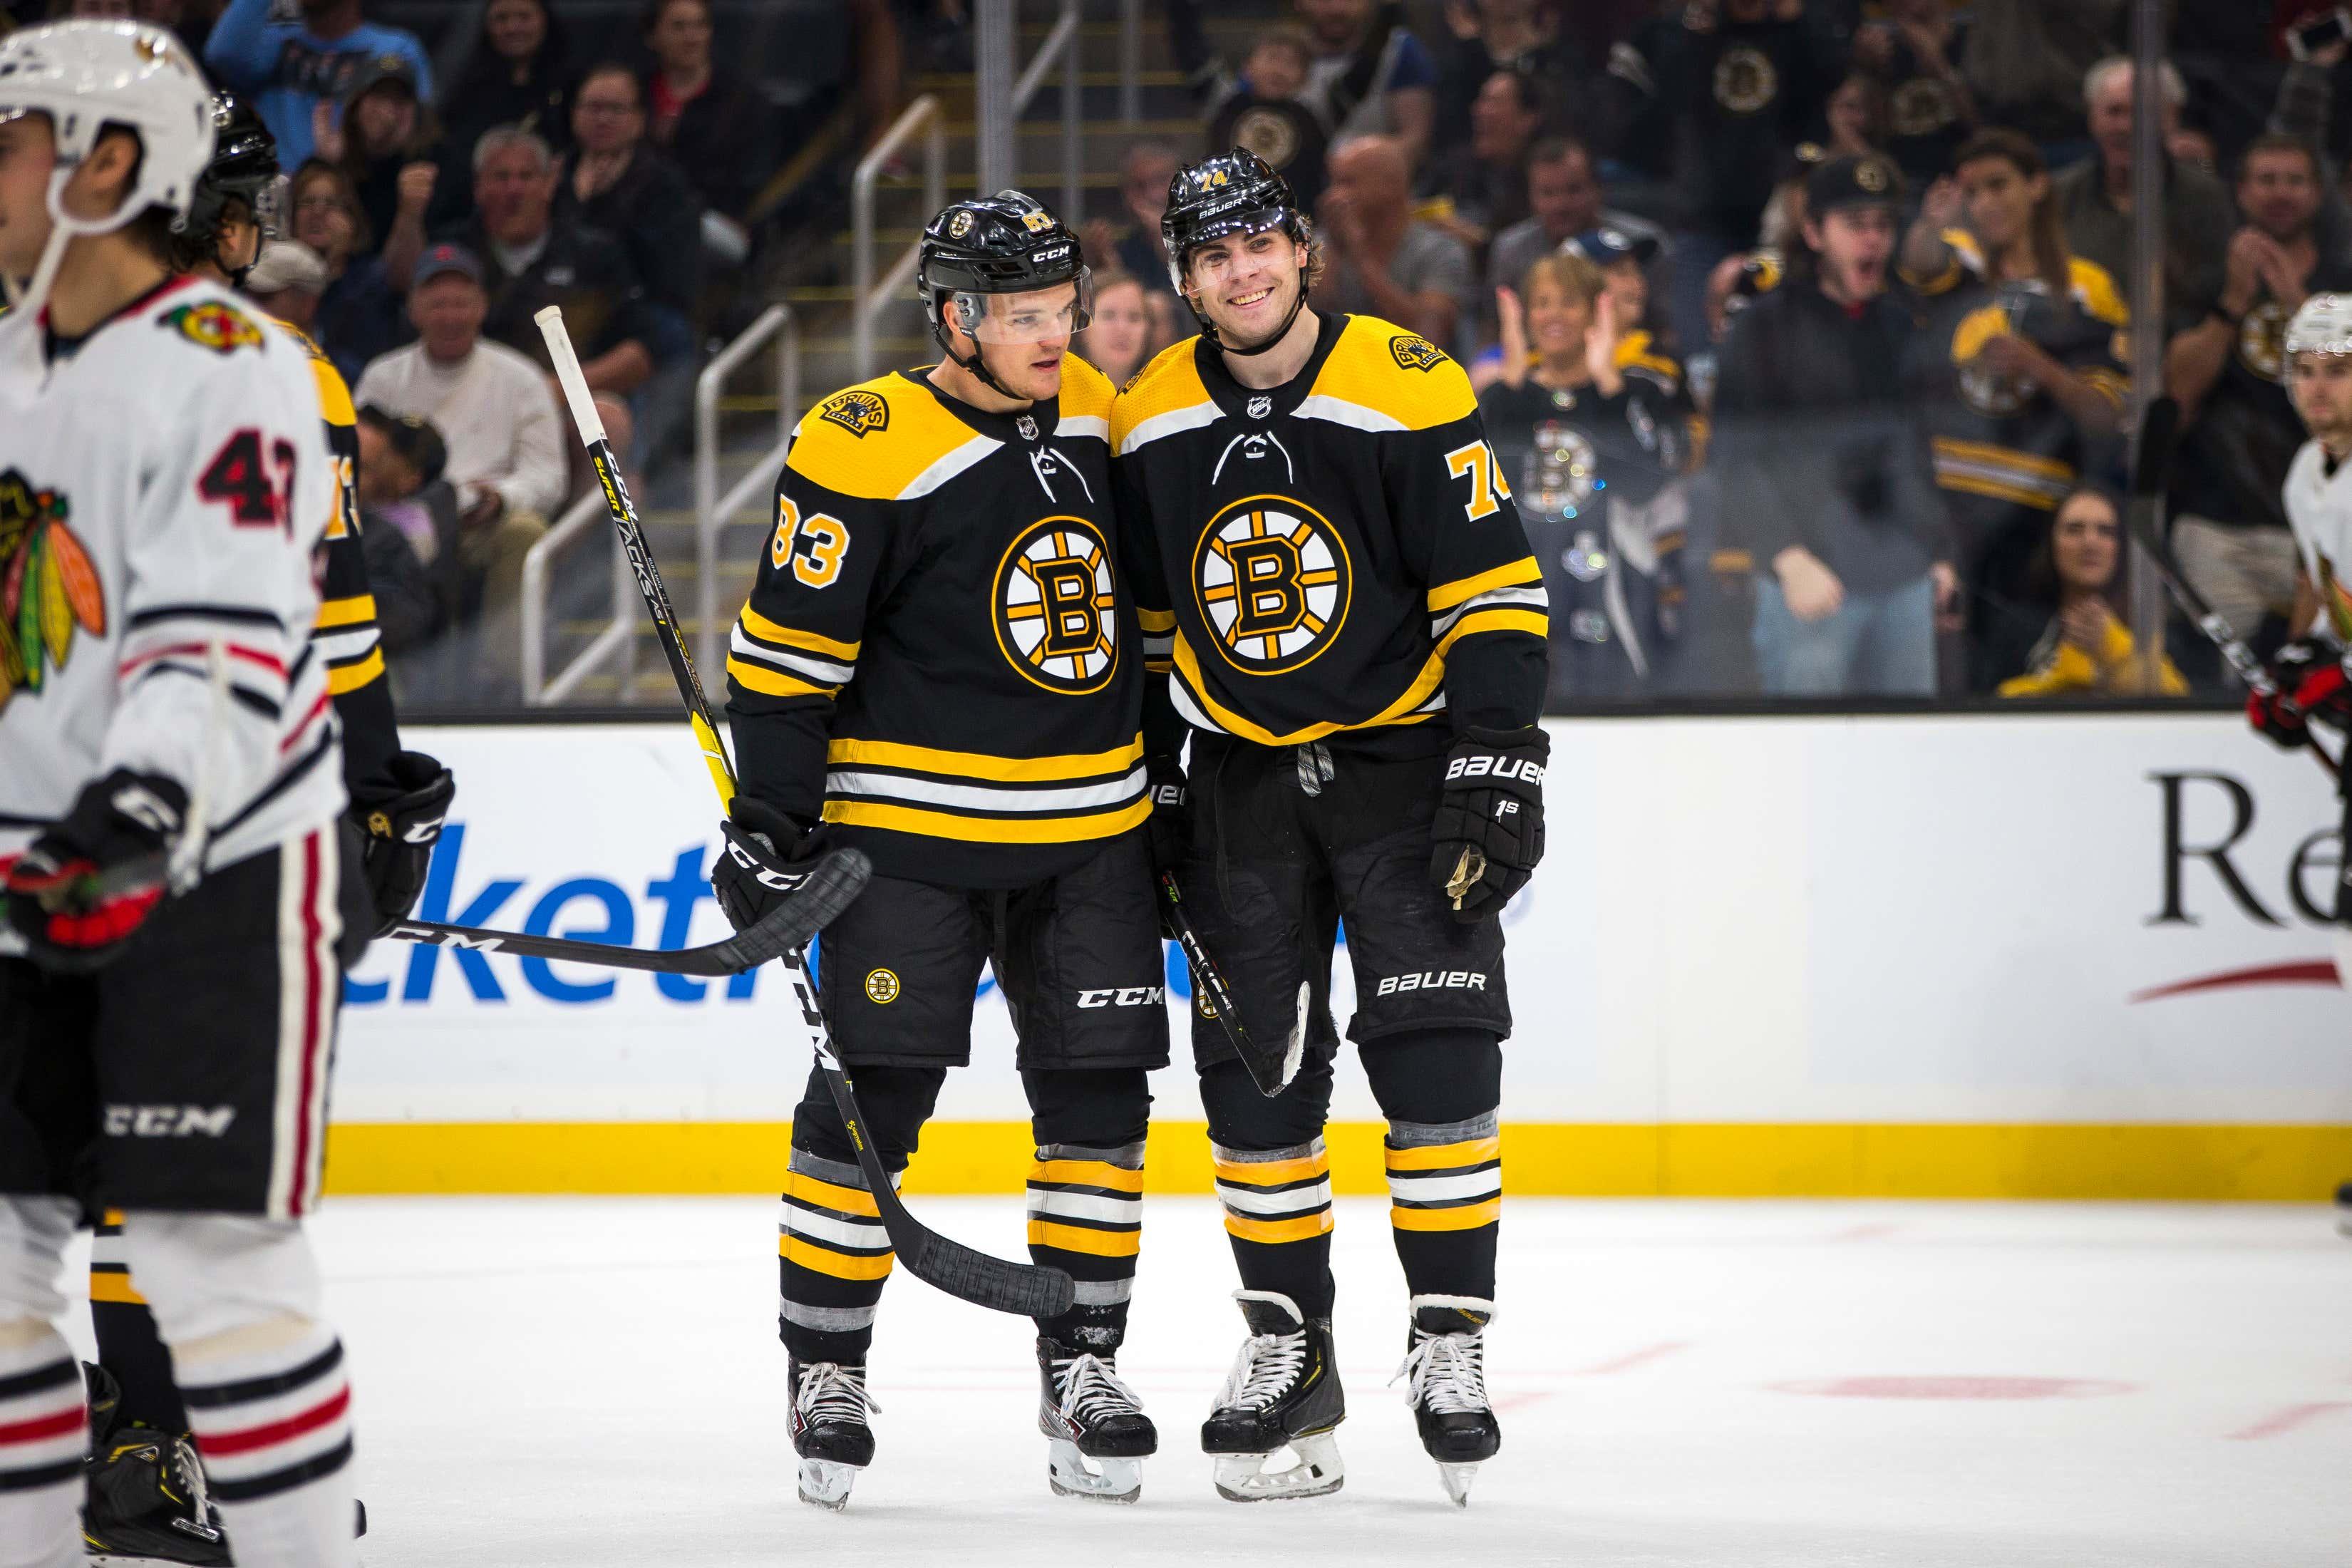 NHL Pre-Season: Chicago Blackhawks Vs Boston Bruins At TD Garden